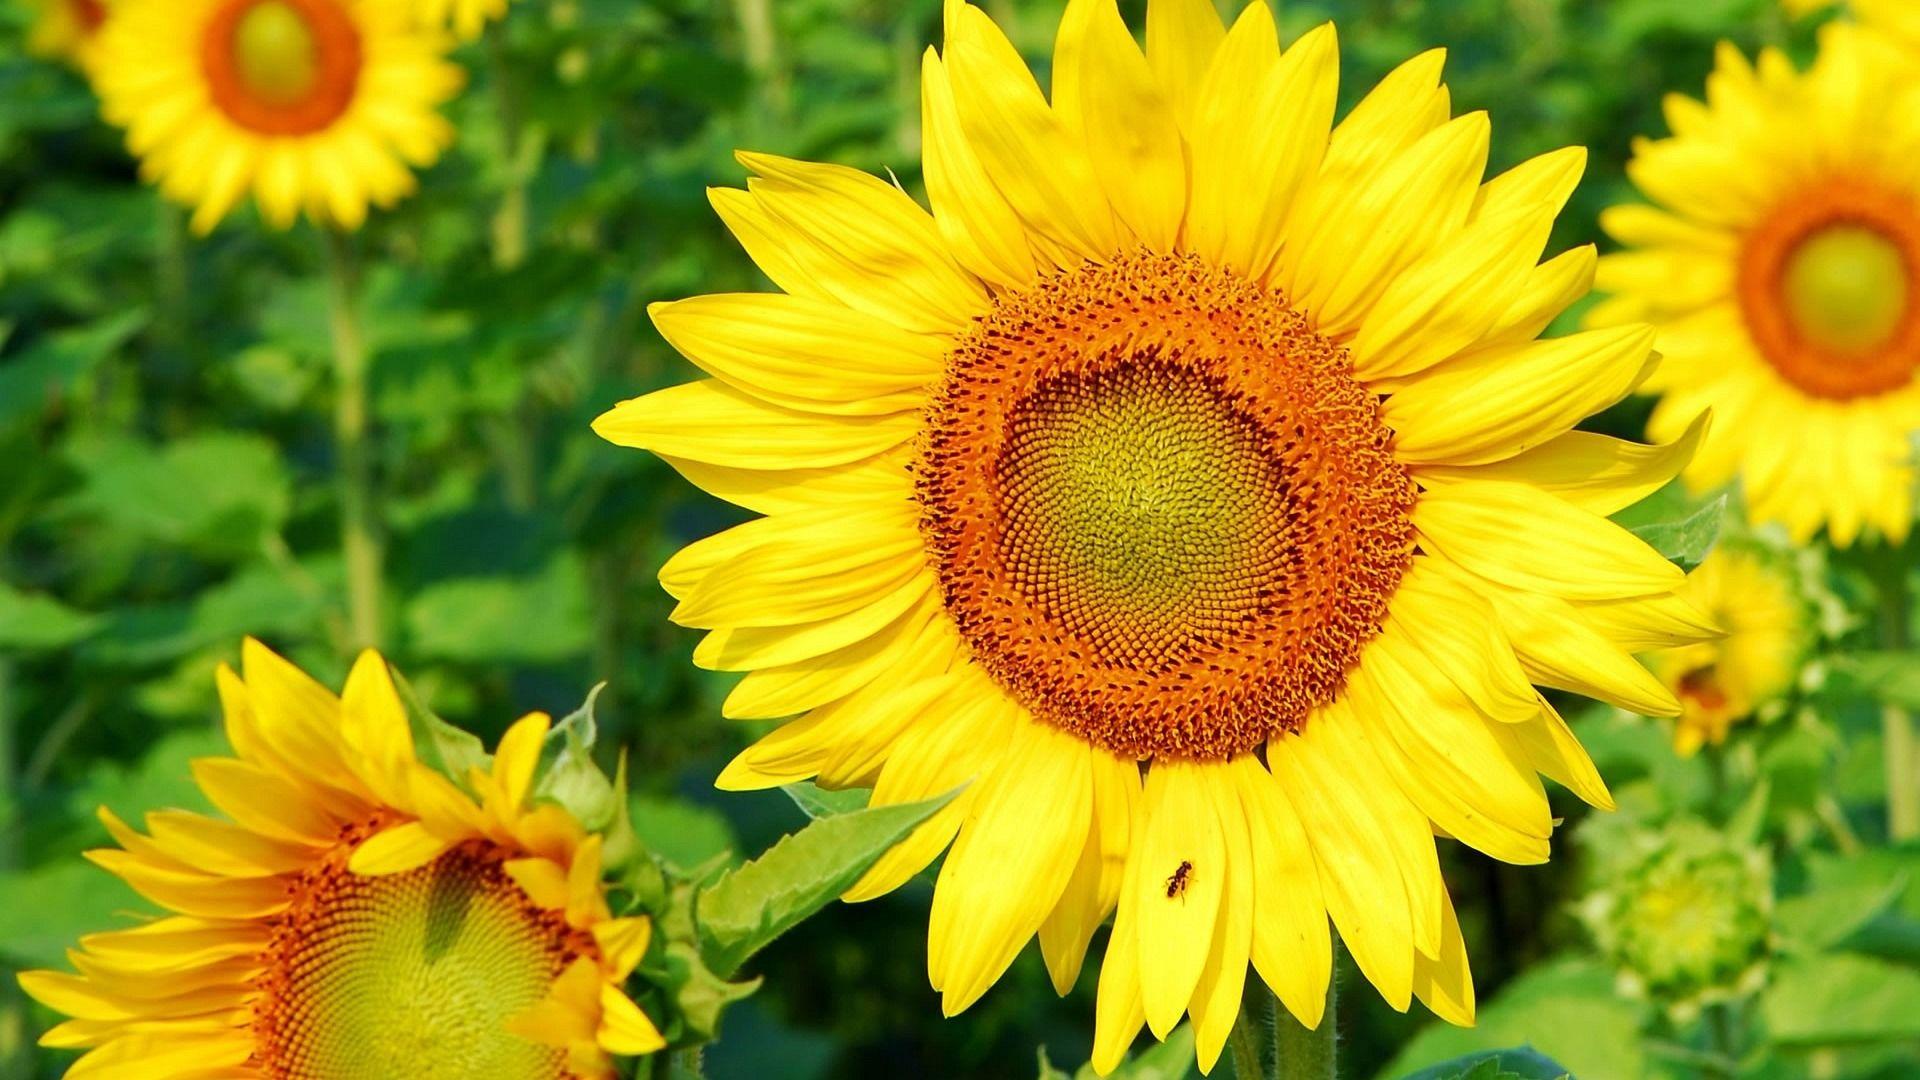 Sunflower Desktop Wallpapers THIS Wallpaper HD